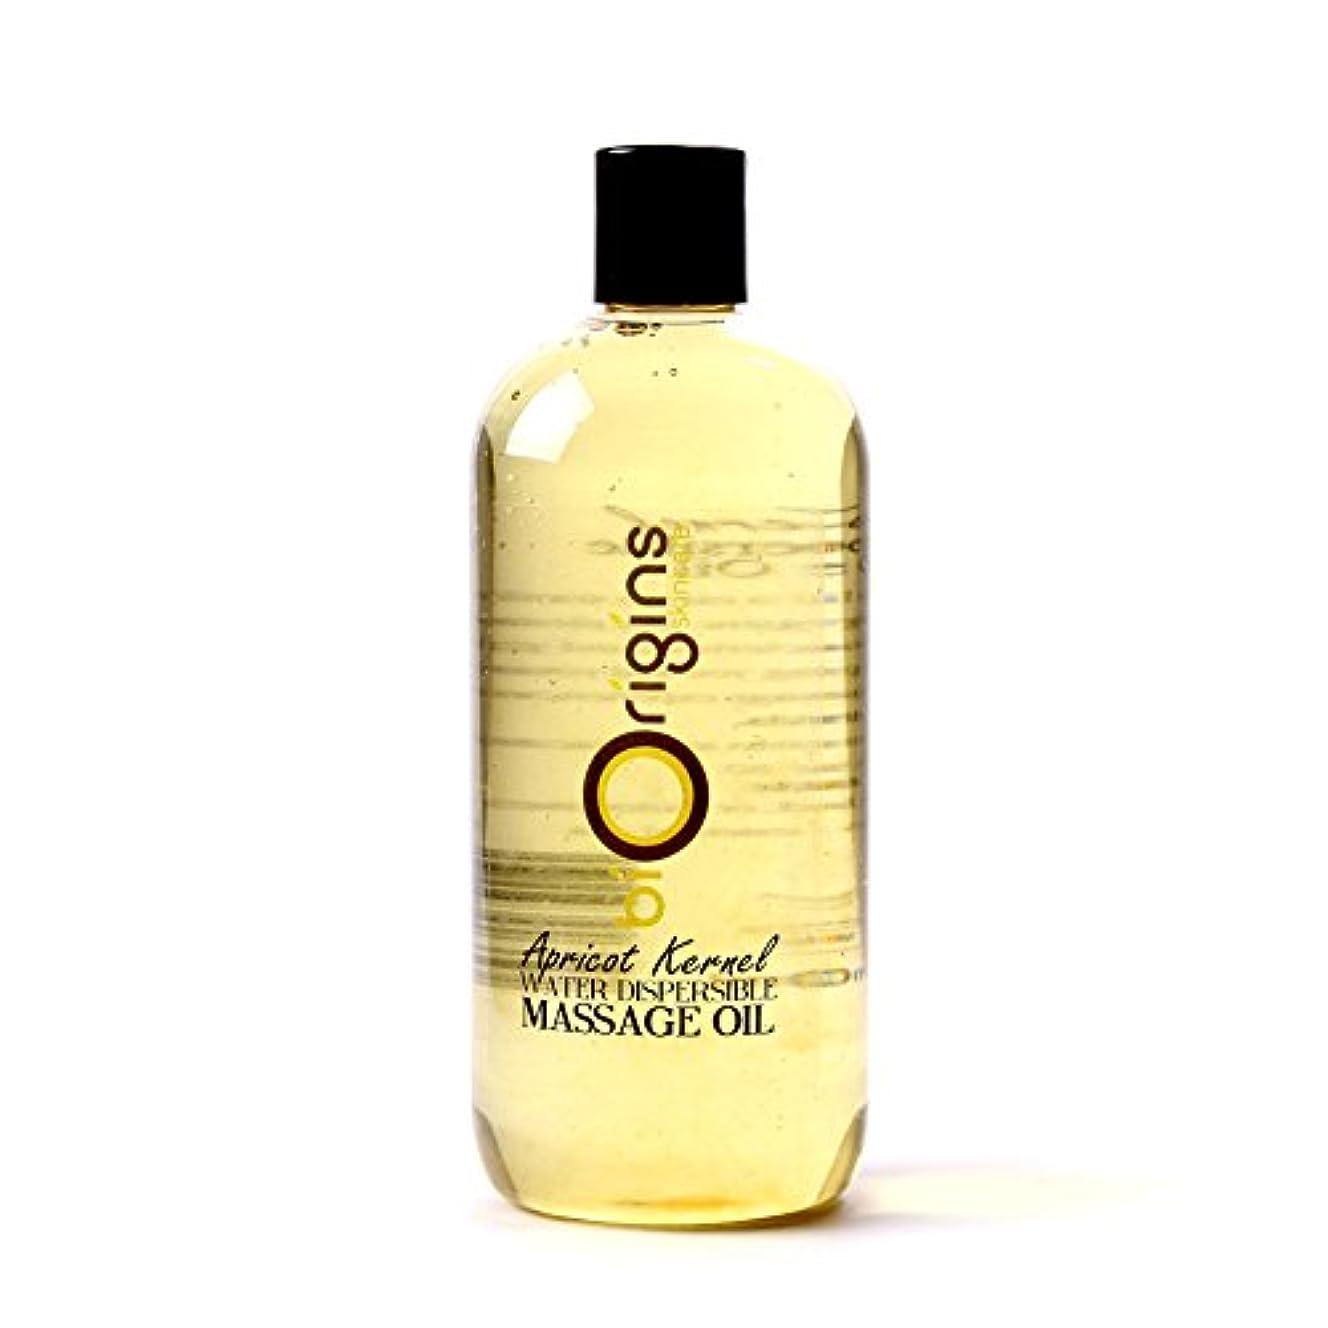 鹿葉を拾う高層ビルApricot Kernel Water Dispersible Massage Oil - 500ml - 100% Pure